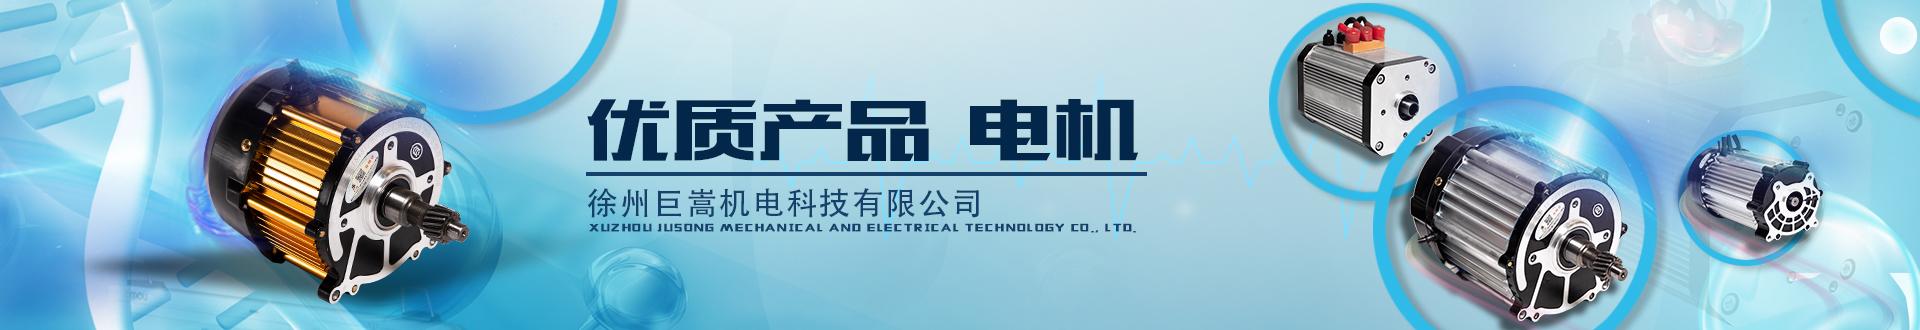 徐州巨嵩机电科技有限公司